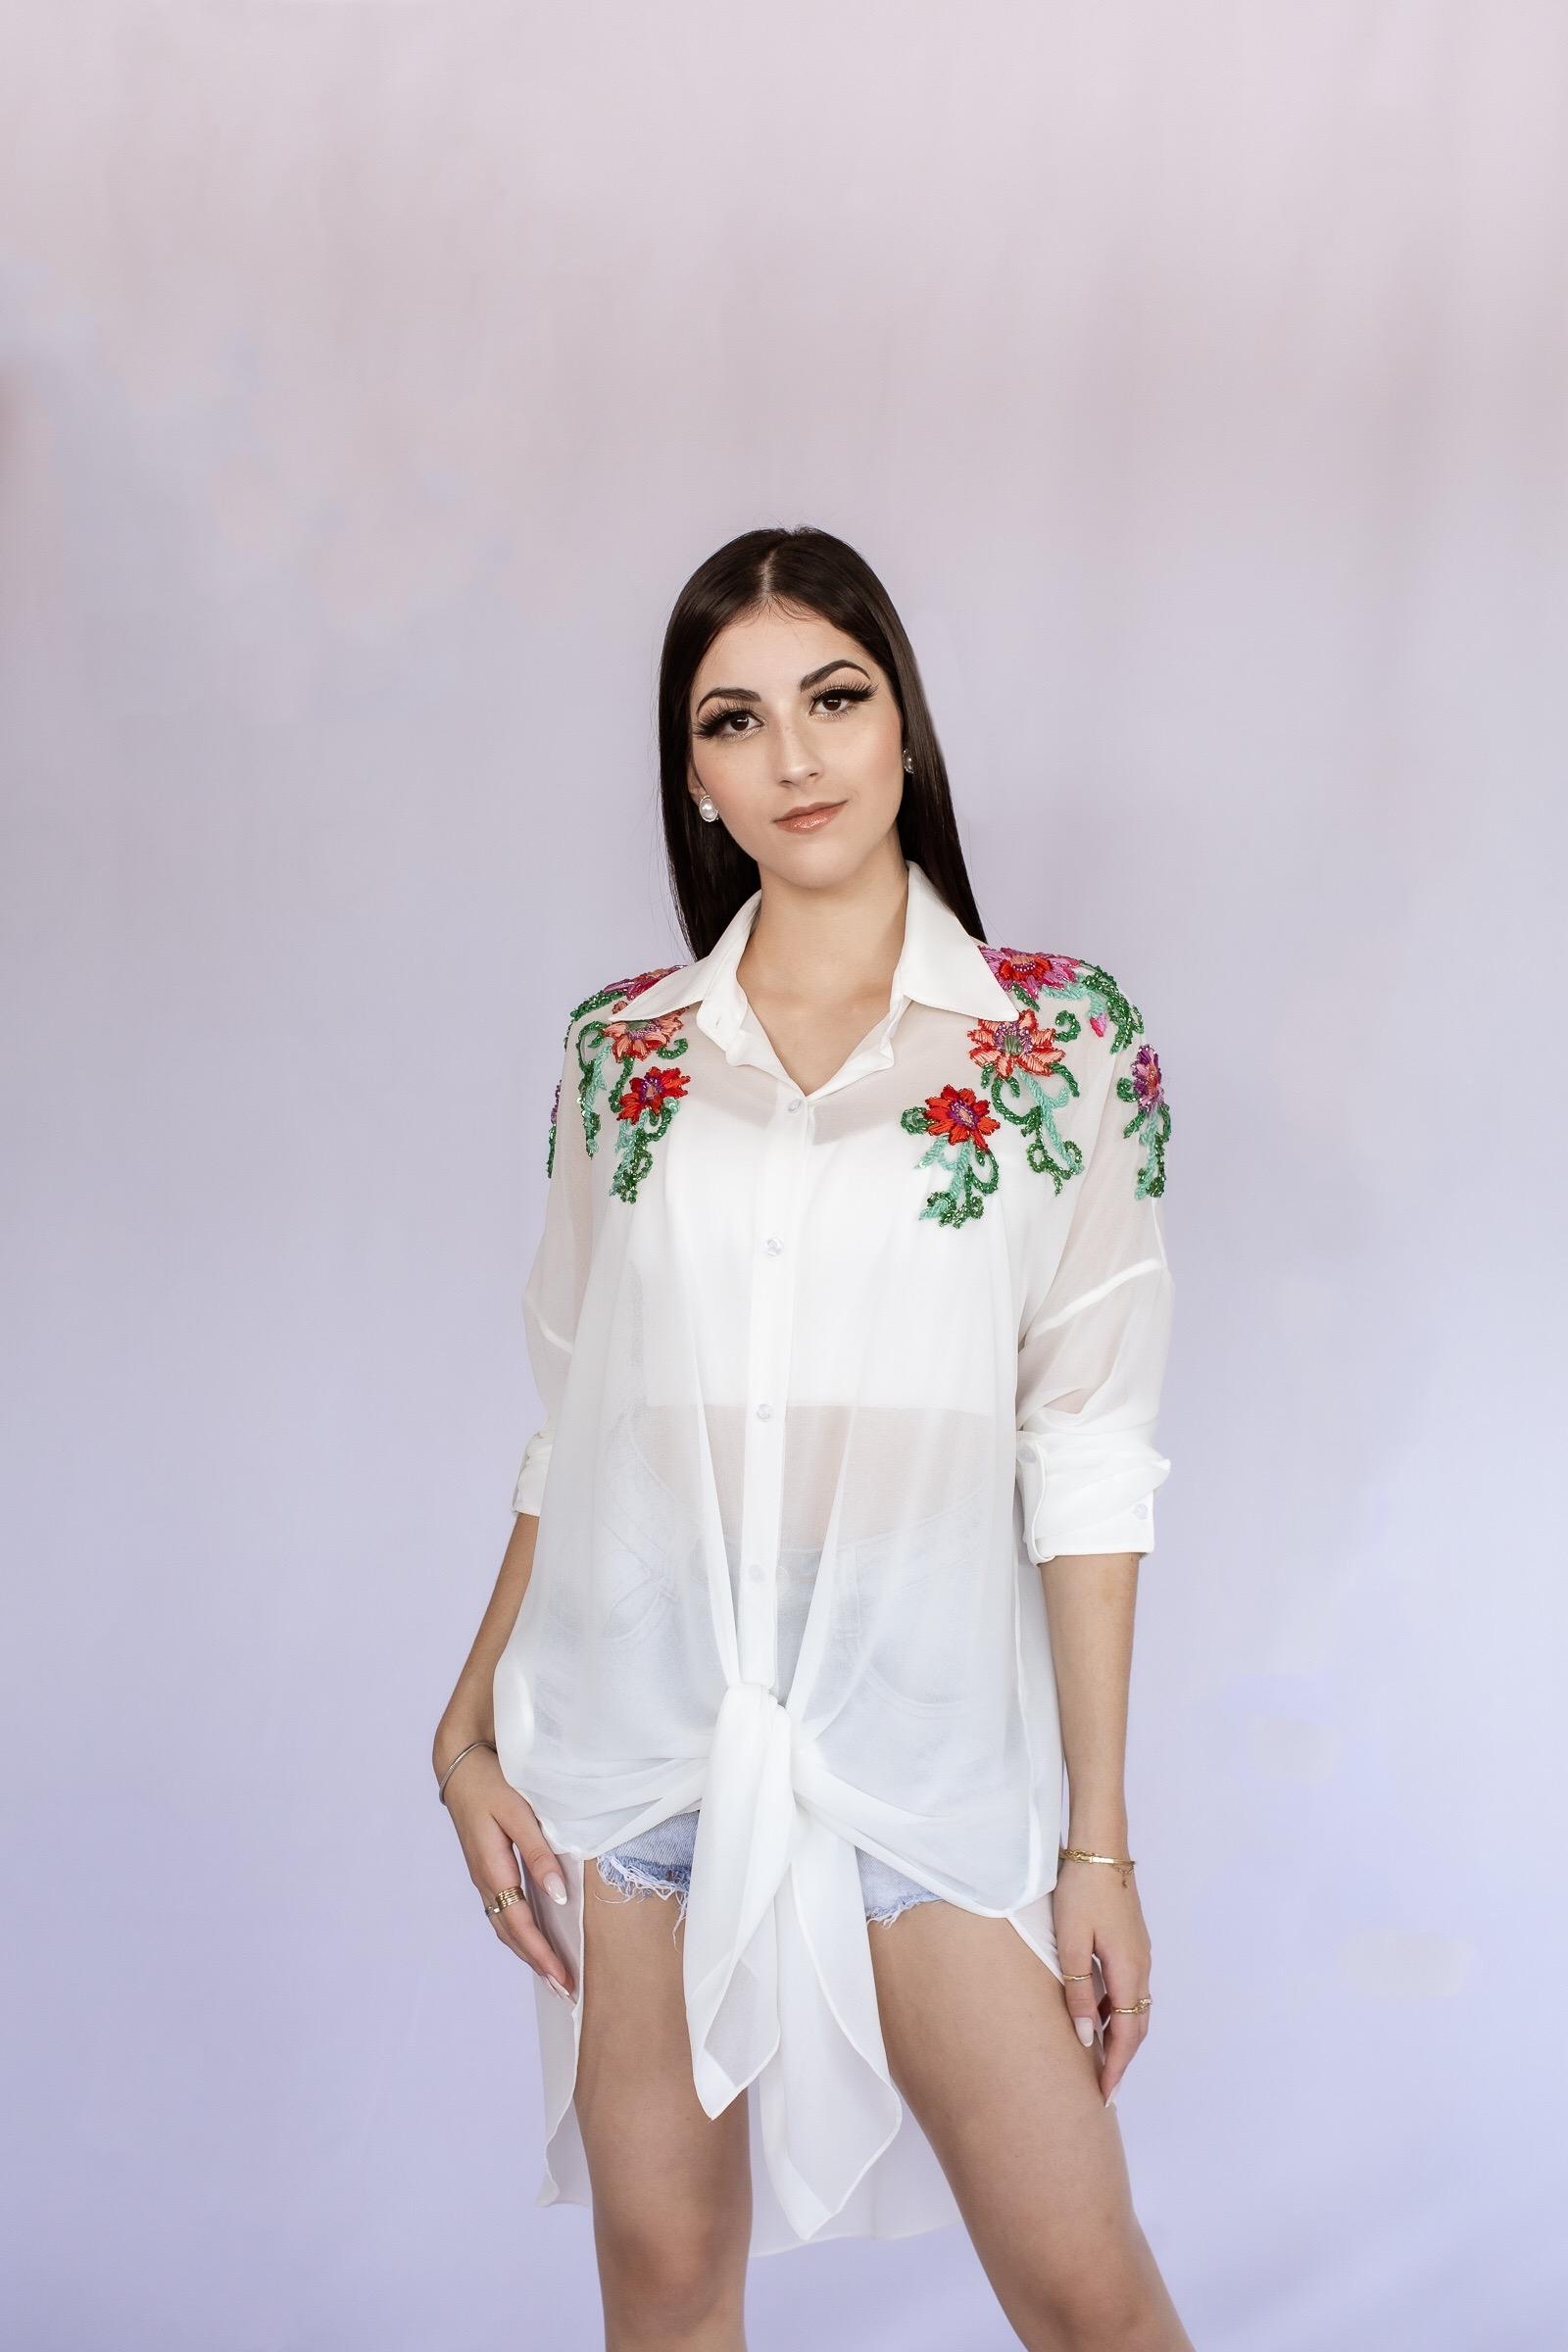 Blusa Elisa Candy Bordada - Atelier Fernanda Baião Alta Costura, Estilista Ubá e Juiz de Fora